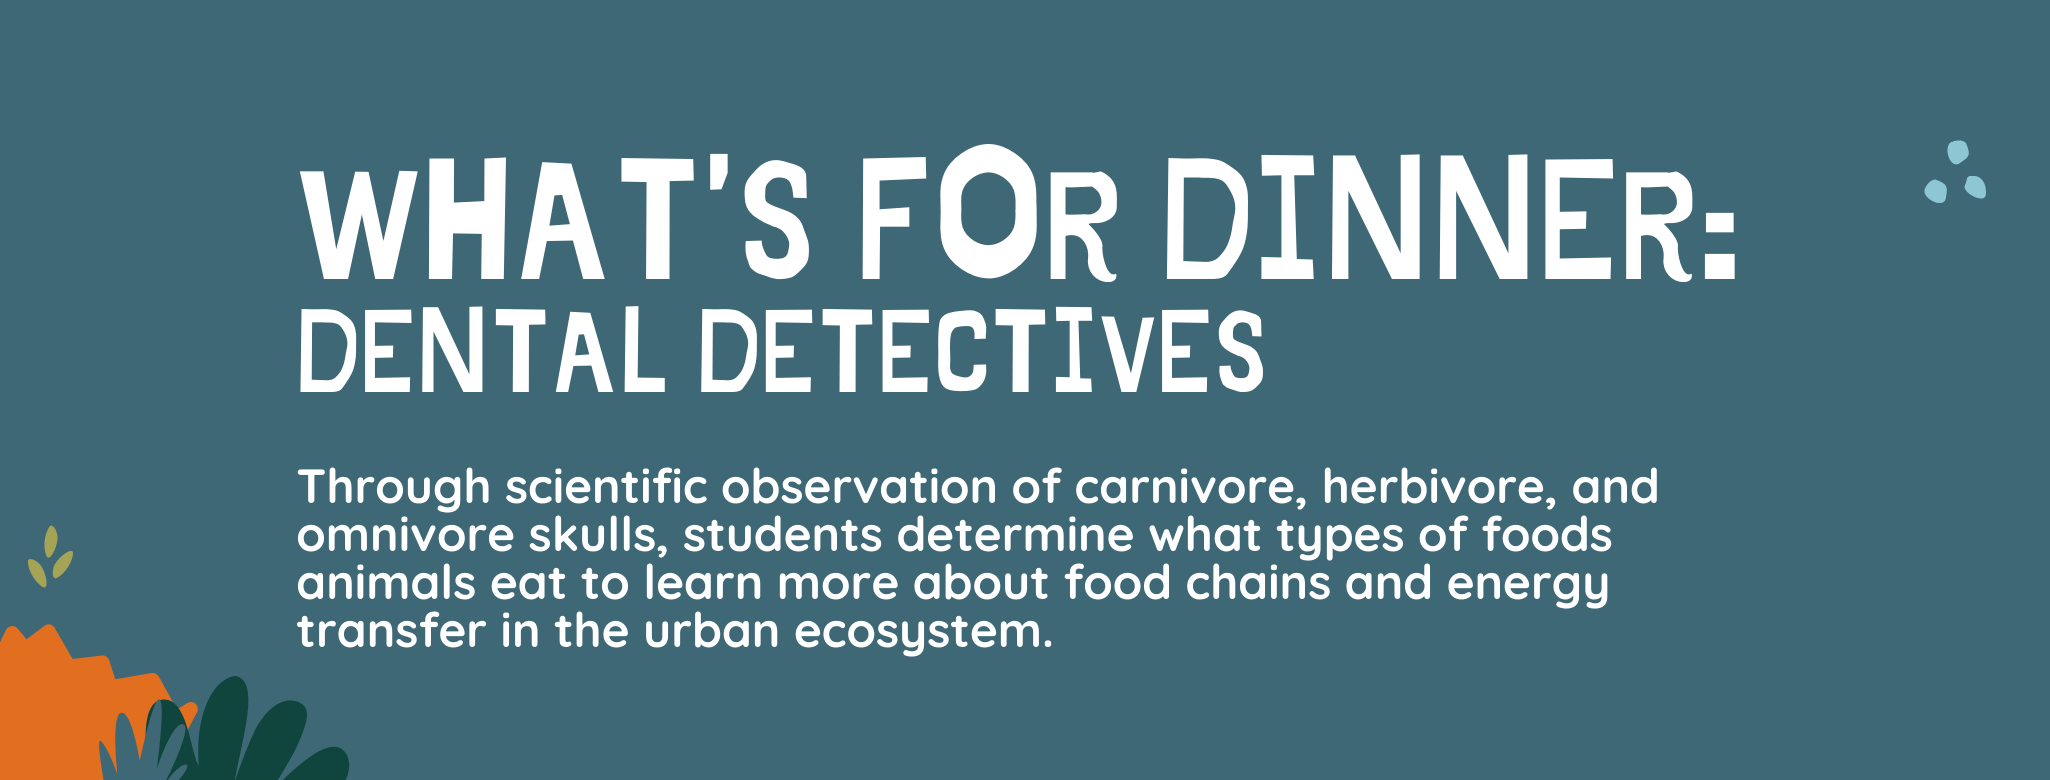 What's for Dinner? Dental Detectives